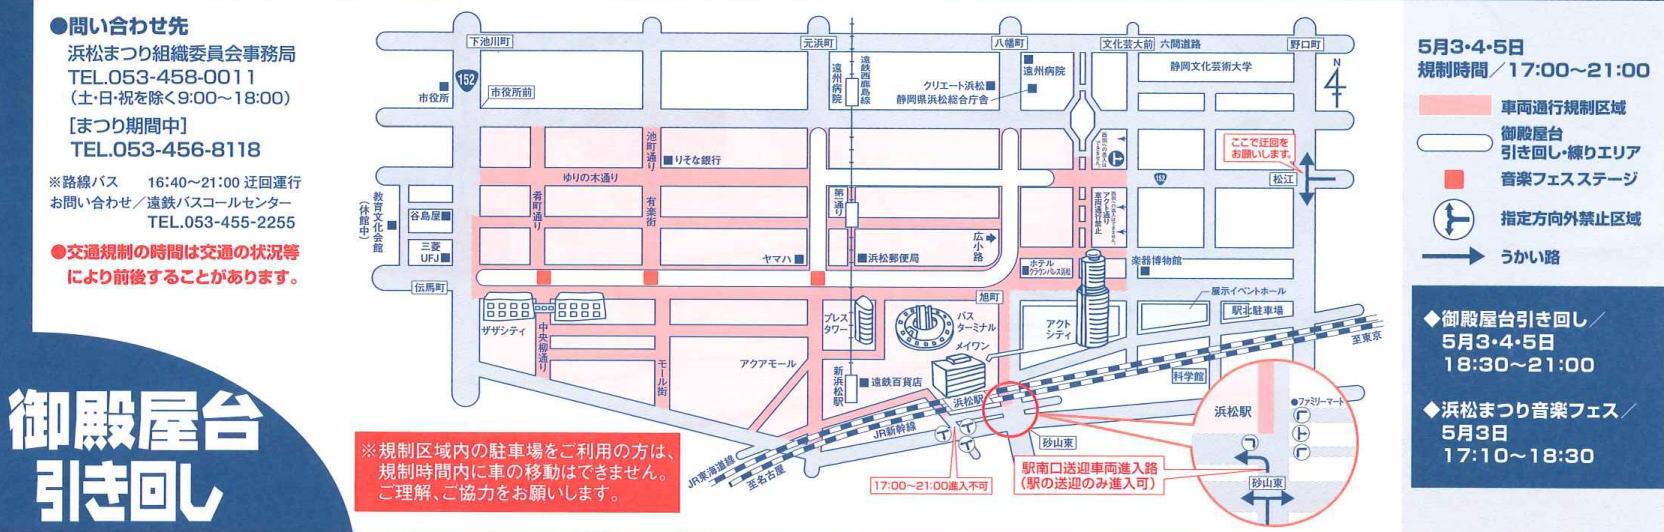 浜松まつりの交通規制情報(御殿屋台引き回し)